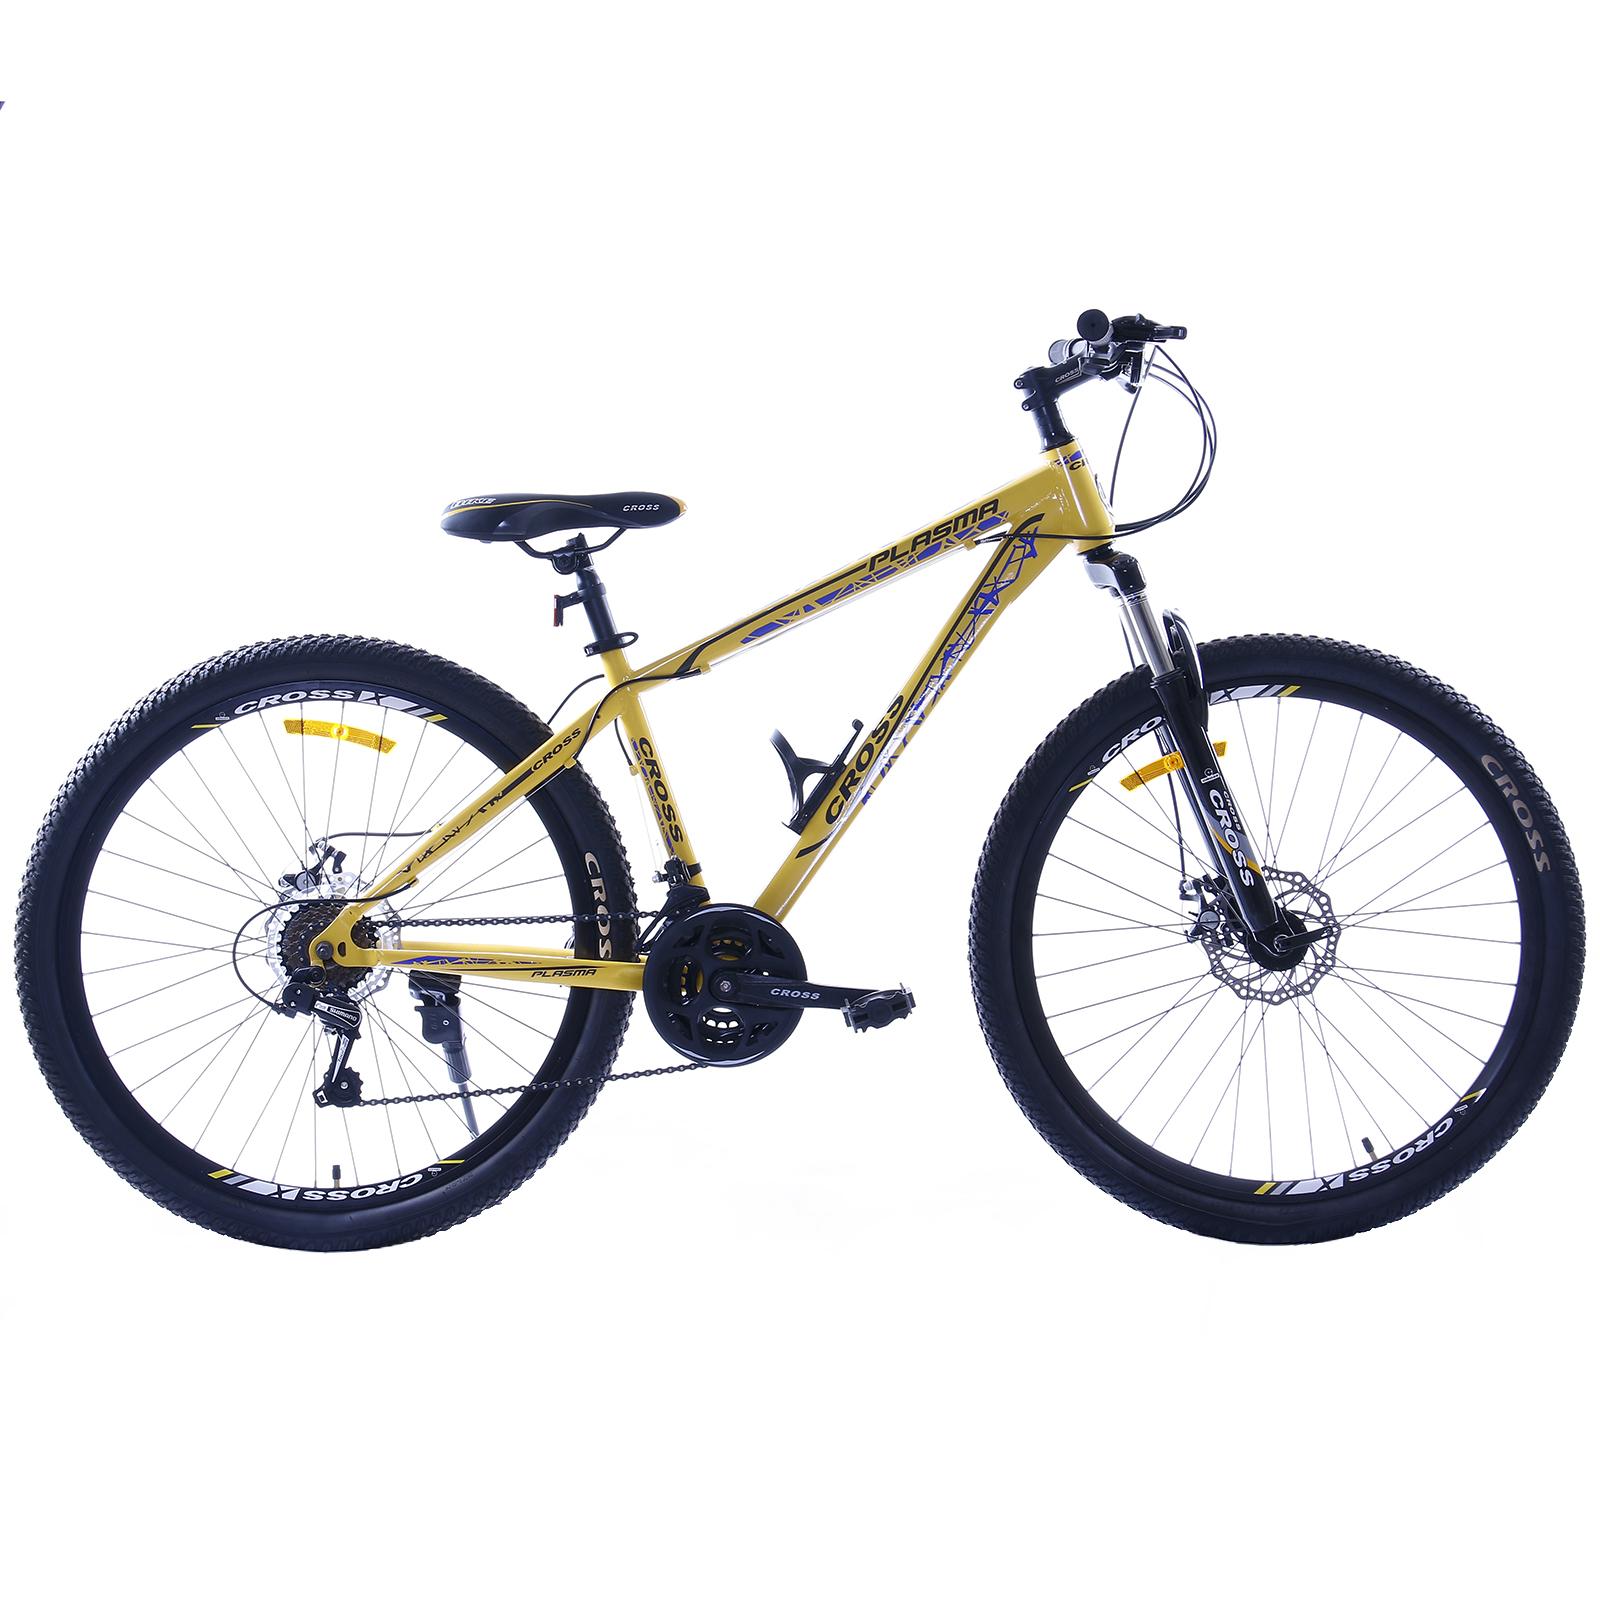 دوچرخه کوهستان کراس مدل PLASMA سایز 27.5